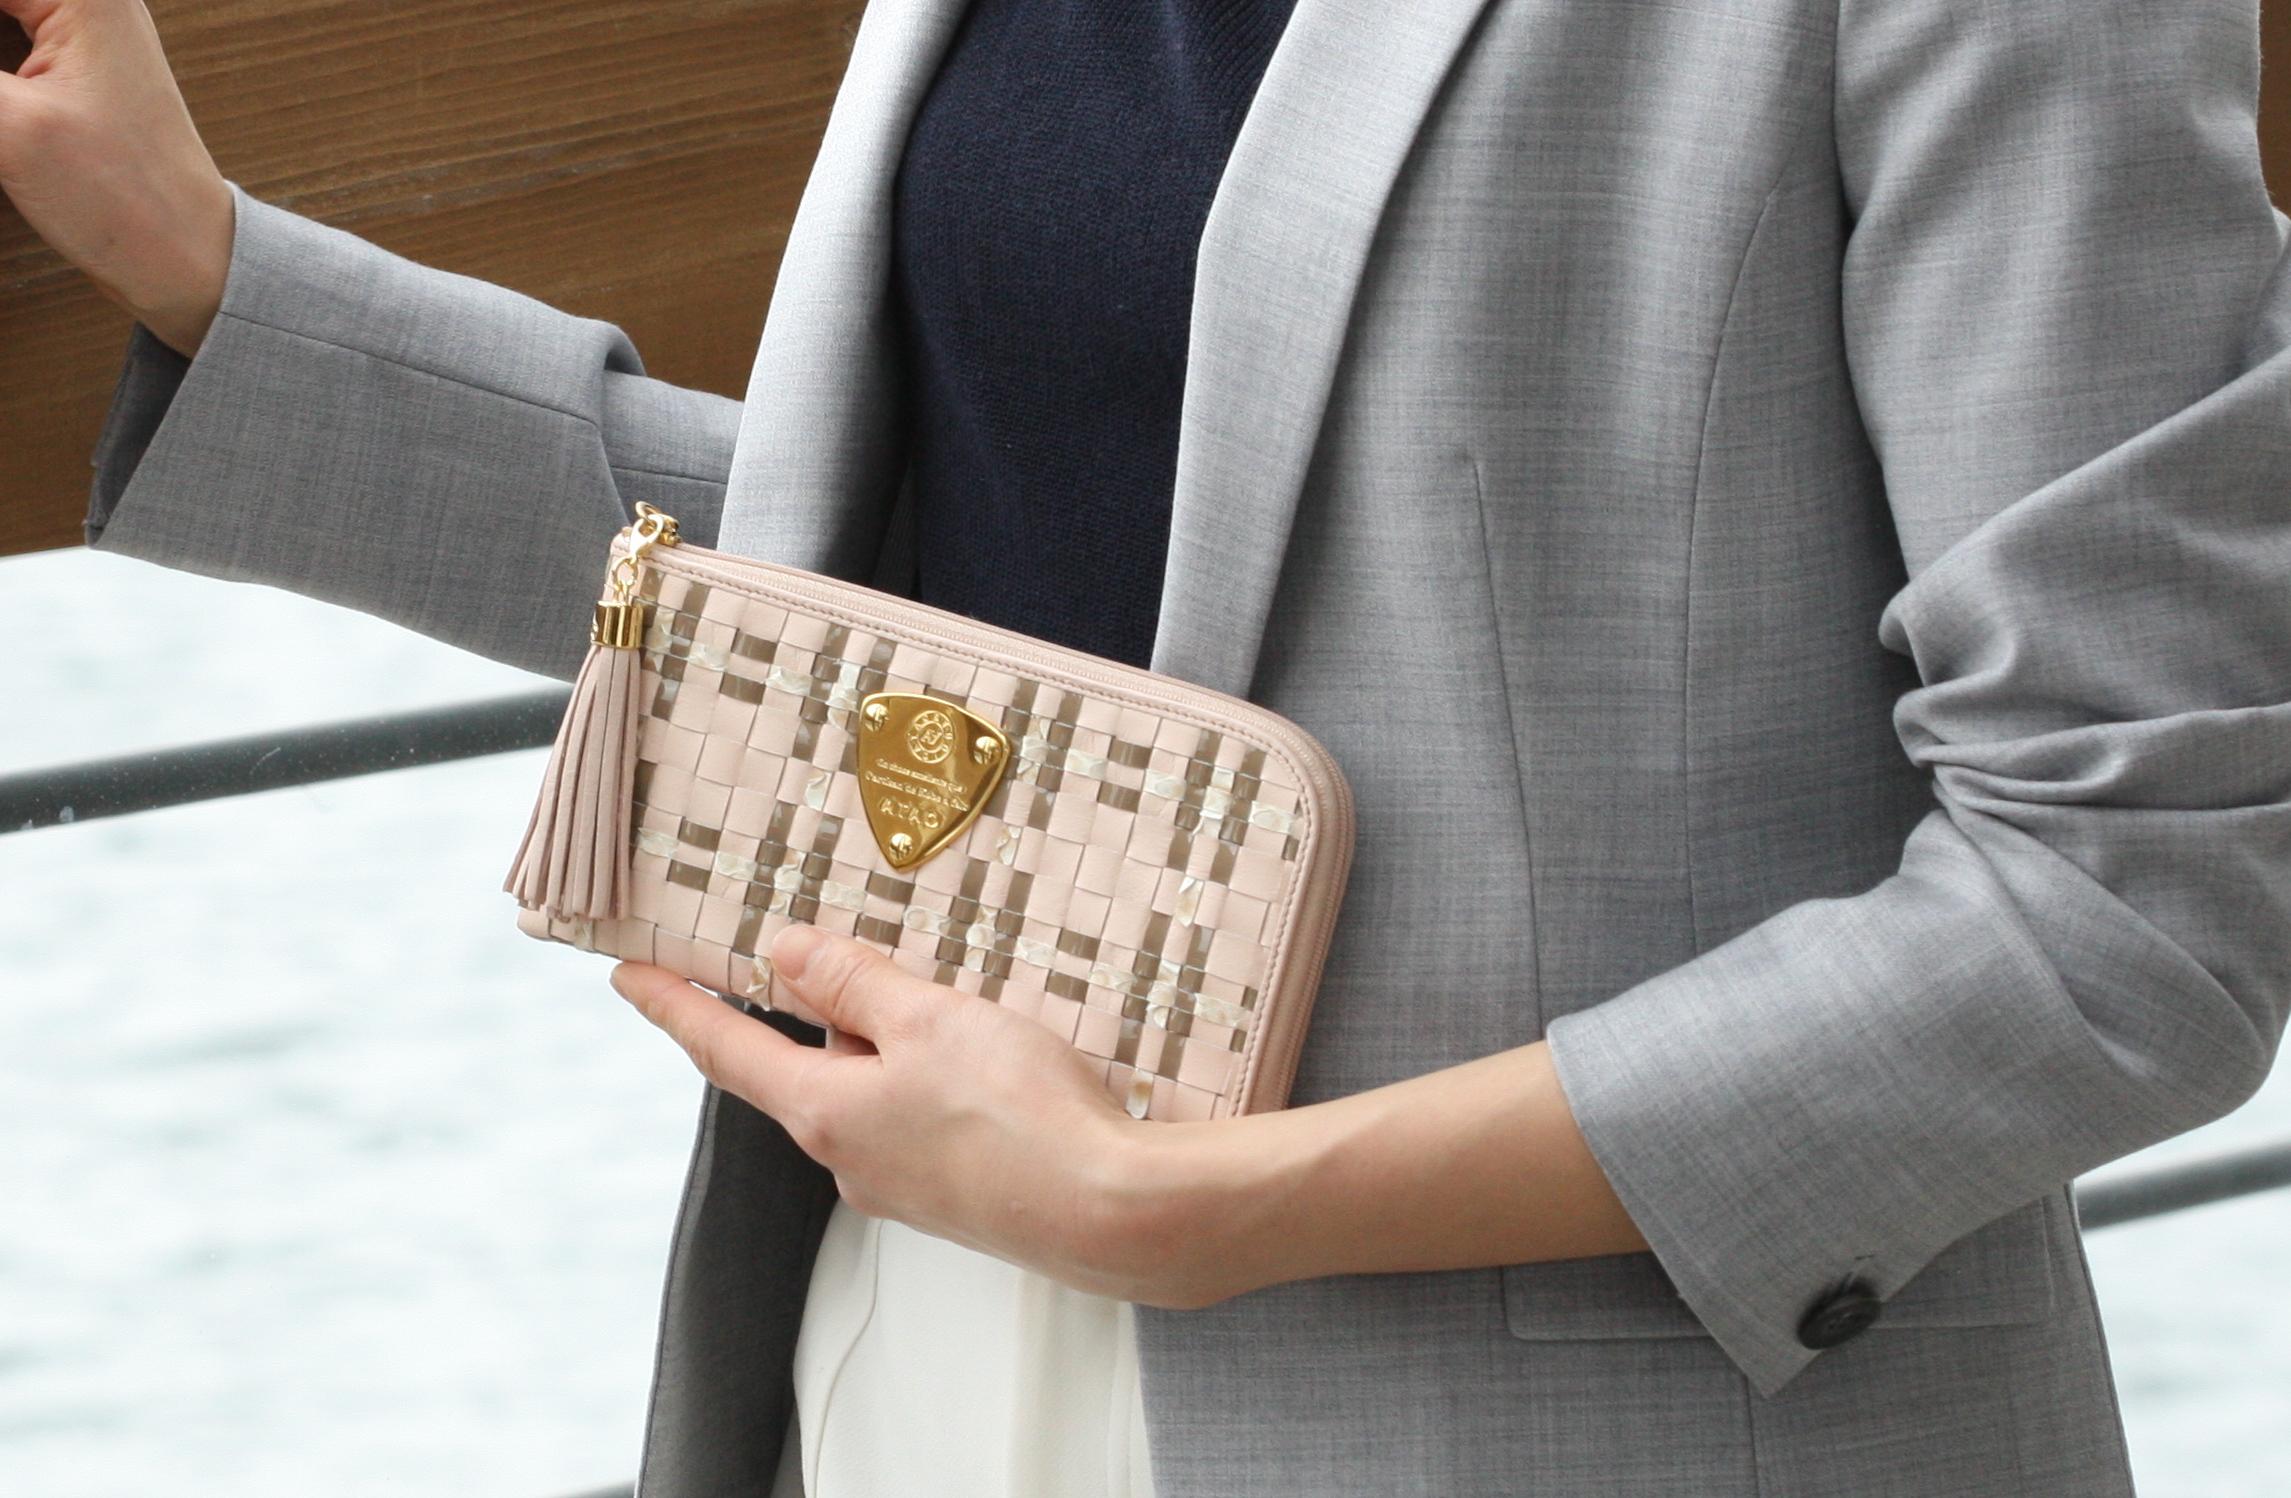 50代女性は大人だからこそ持ちこなせるハイブランド財布